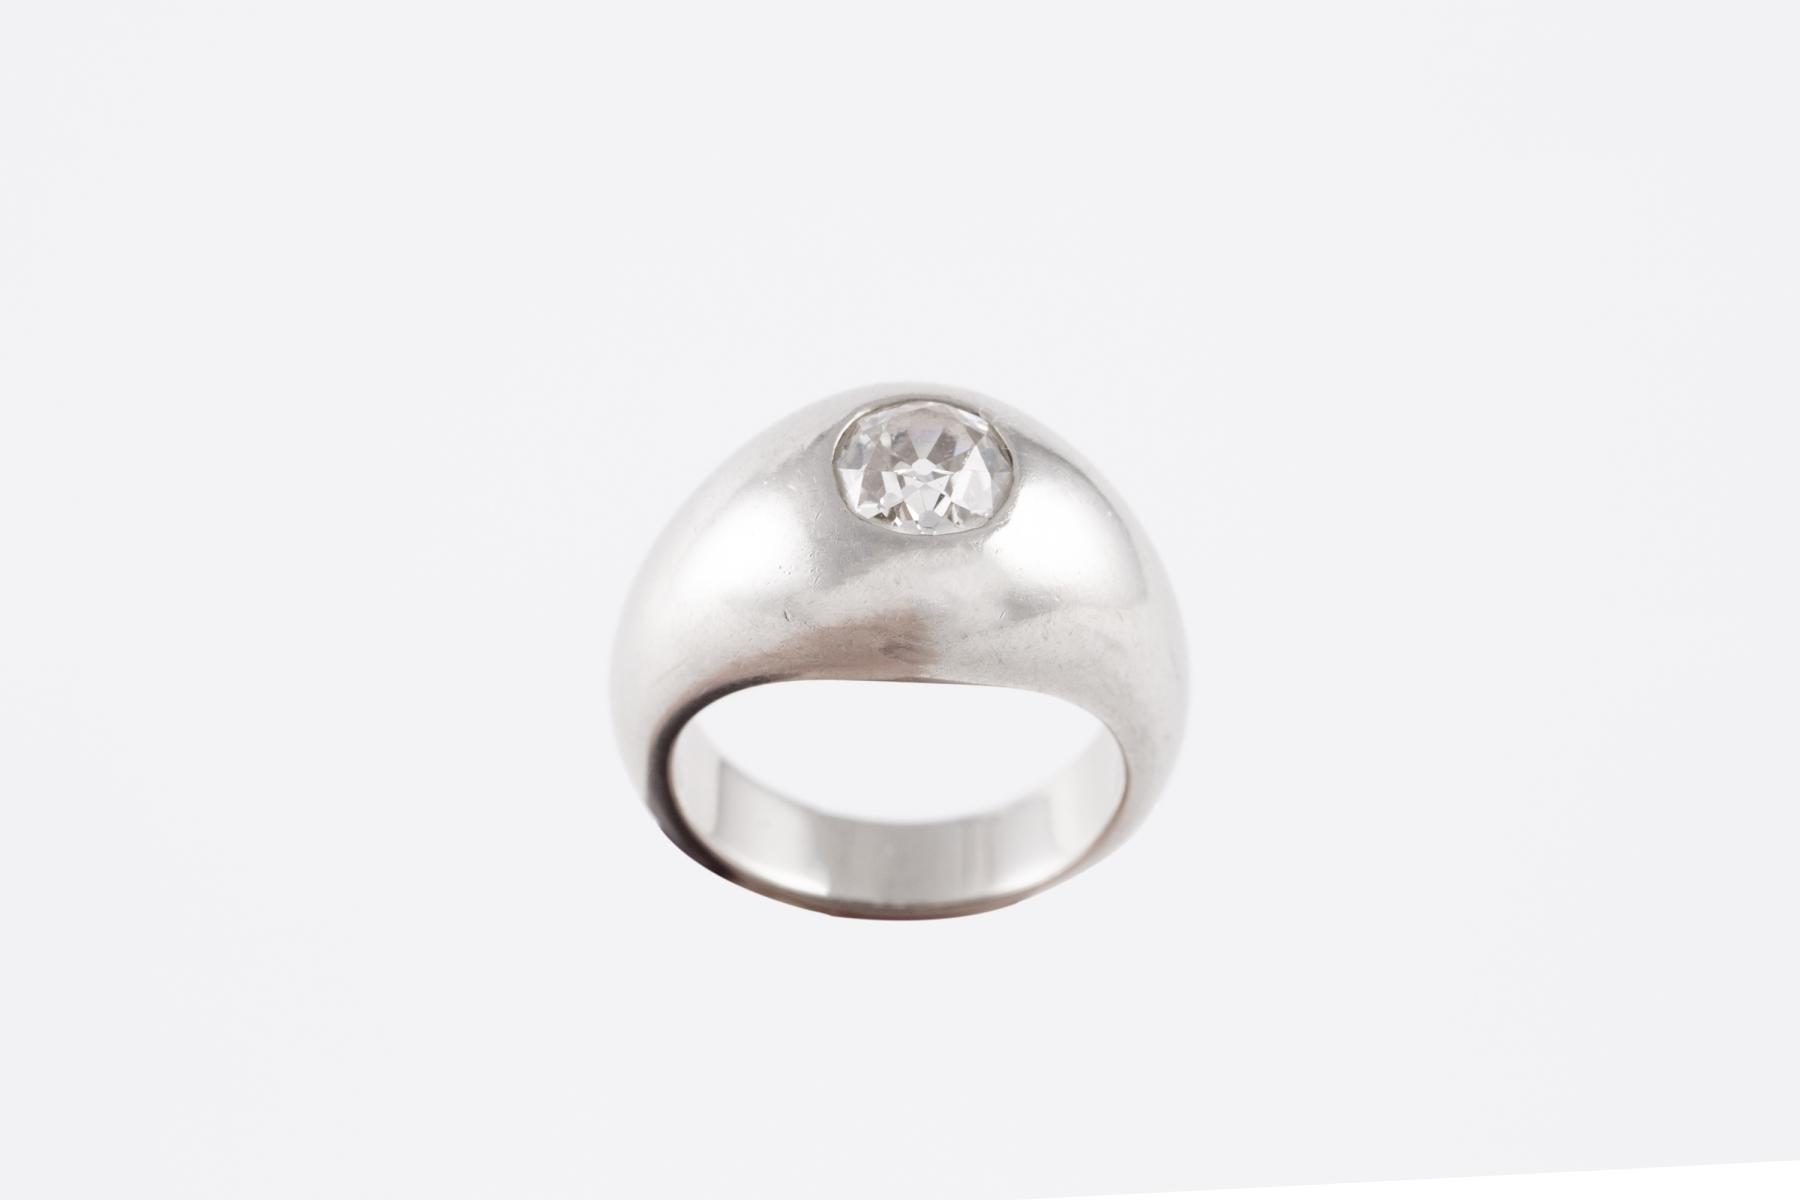 117- Bague solitaire en métal ornée d'un diamant central d'envrion 1 carat. Adjugé 1400€